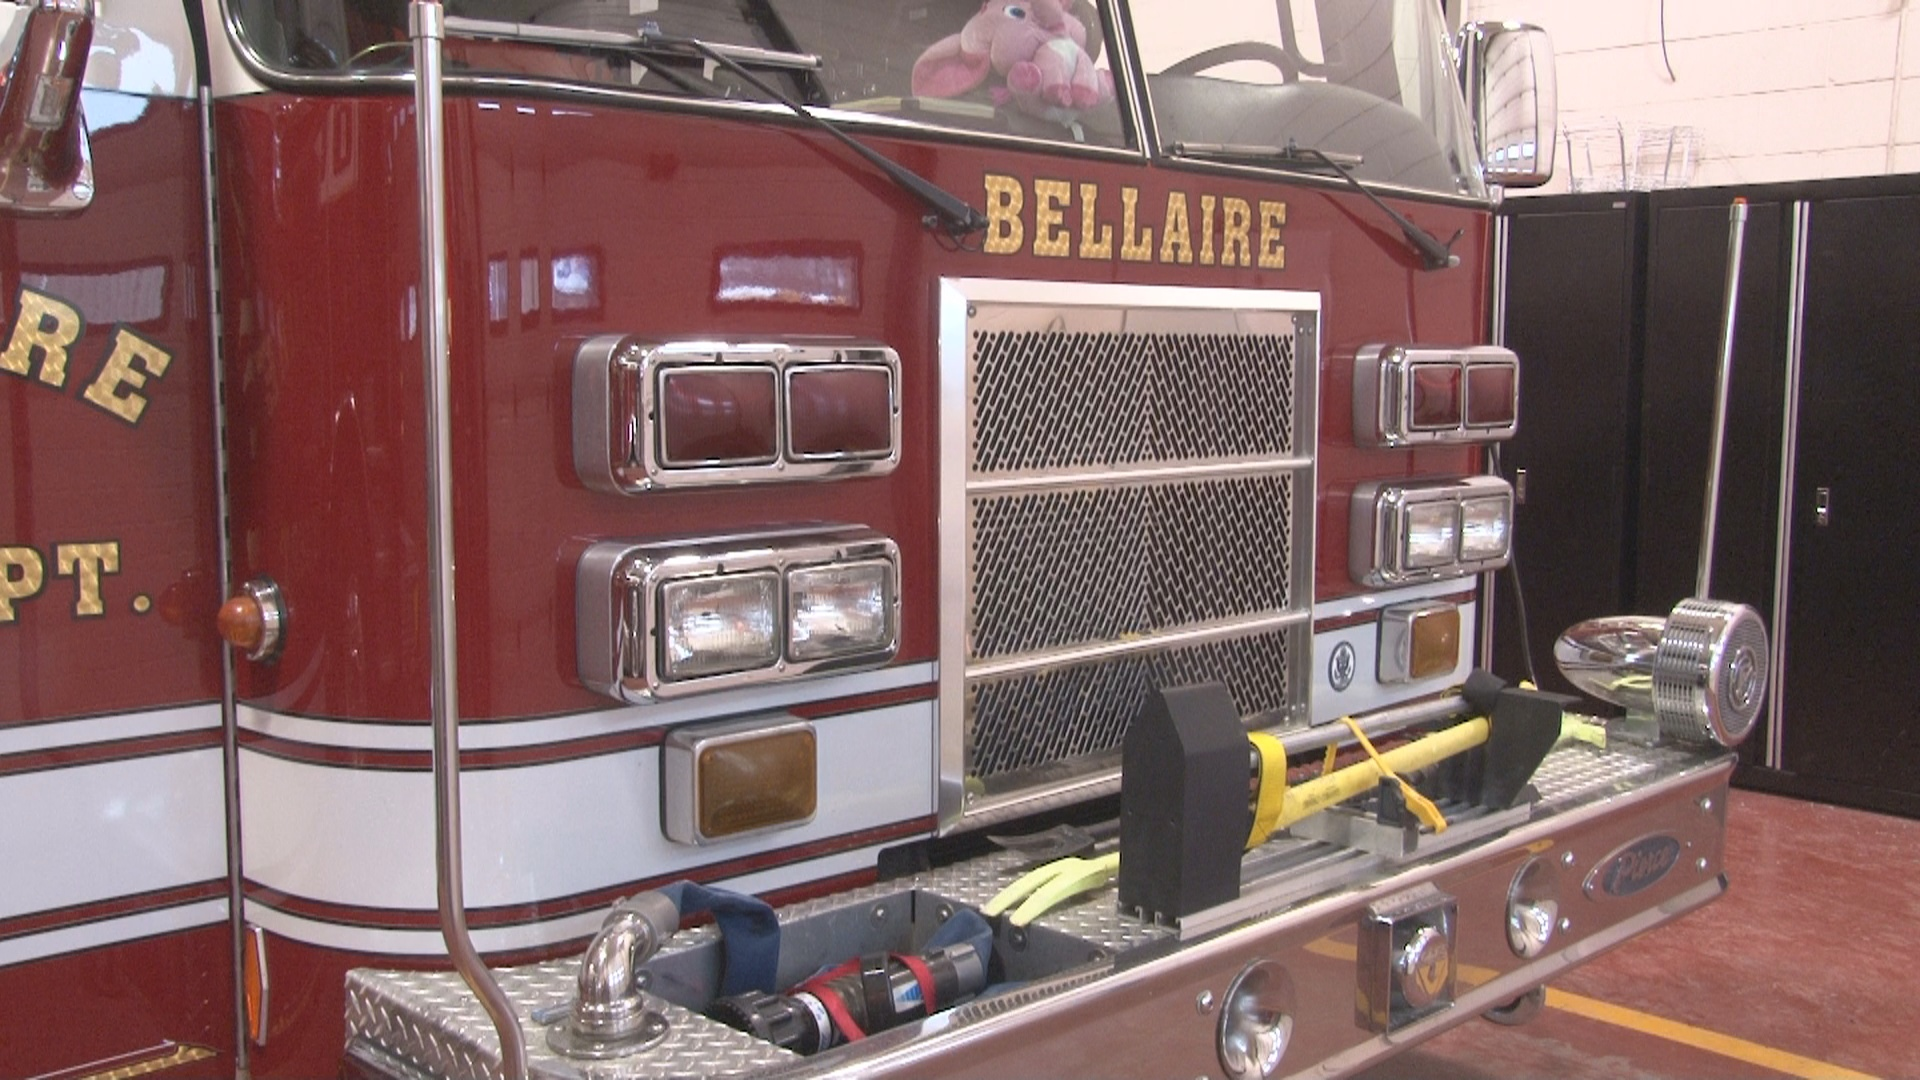 bellaire fire dept_1515448714483.jpg.jpg